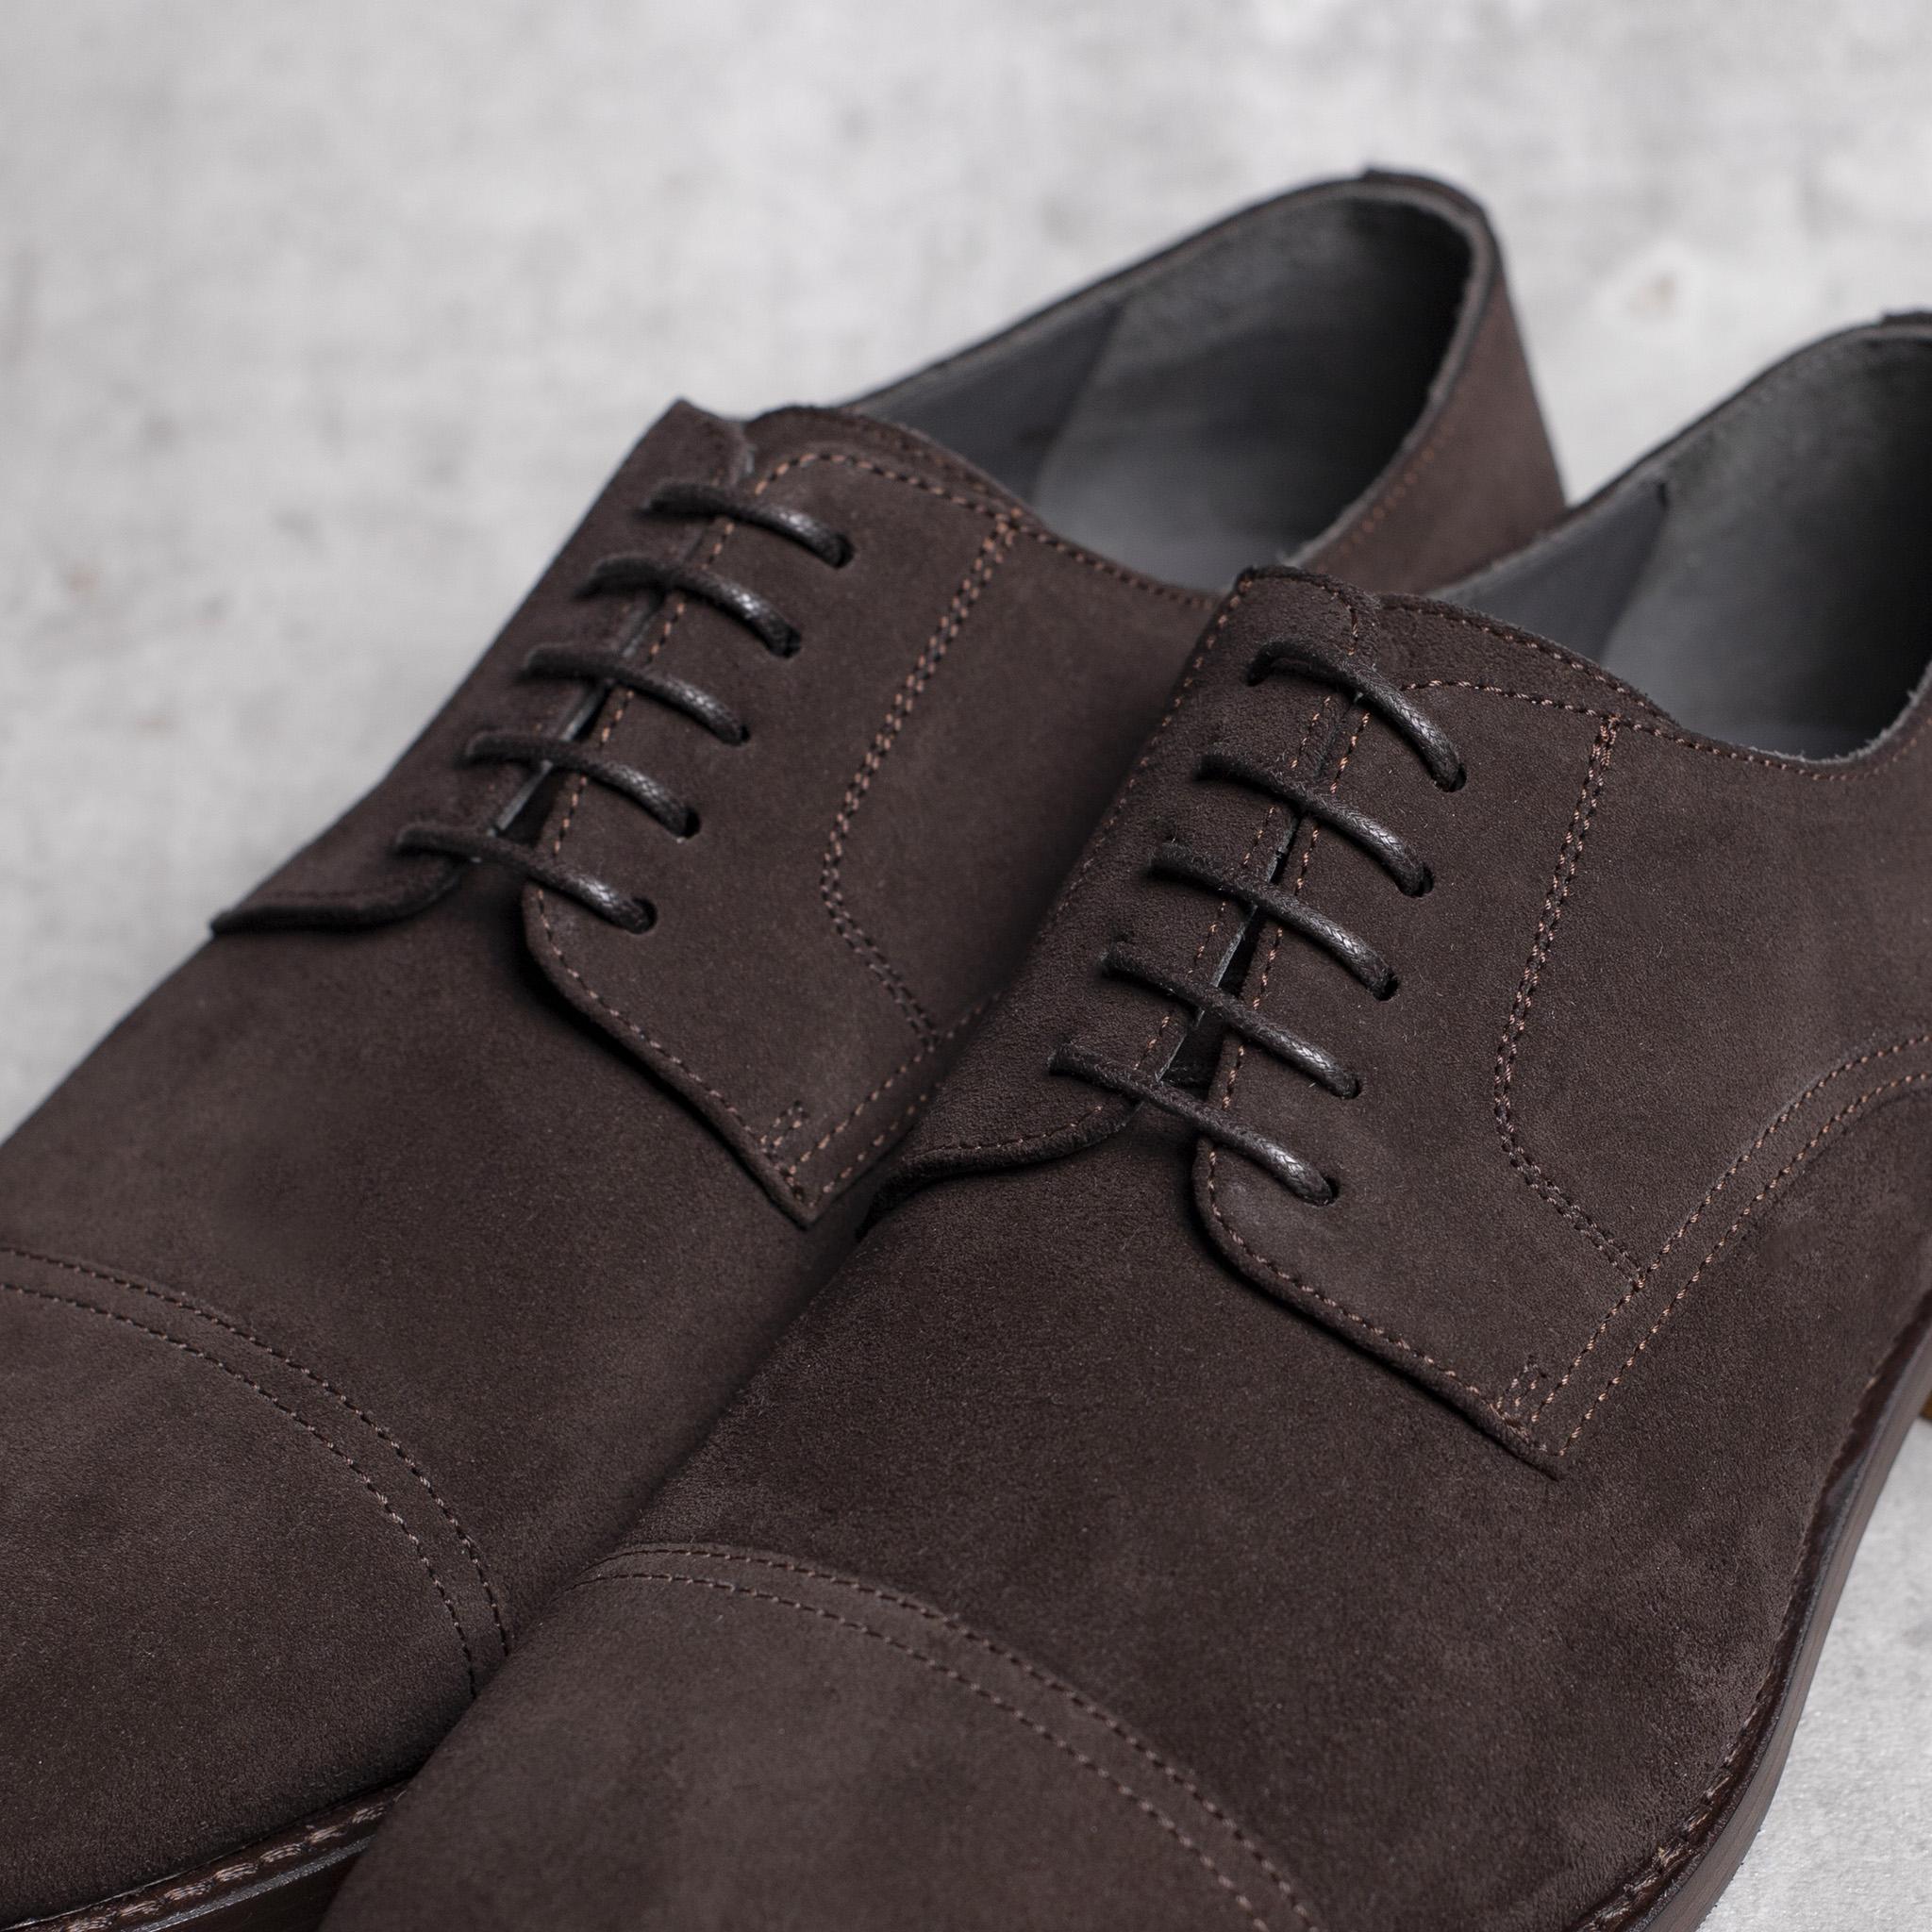 DERBY · 0649 Split Suede leather dark brown The Seëlk 5